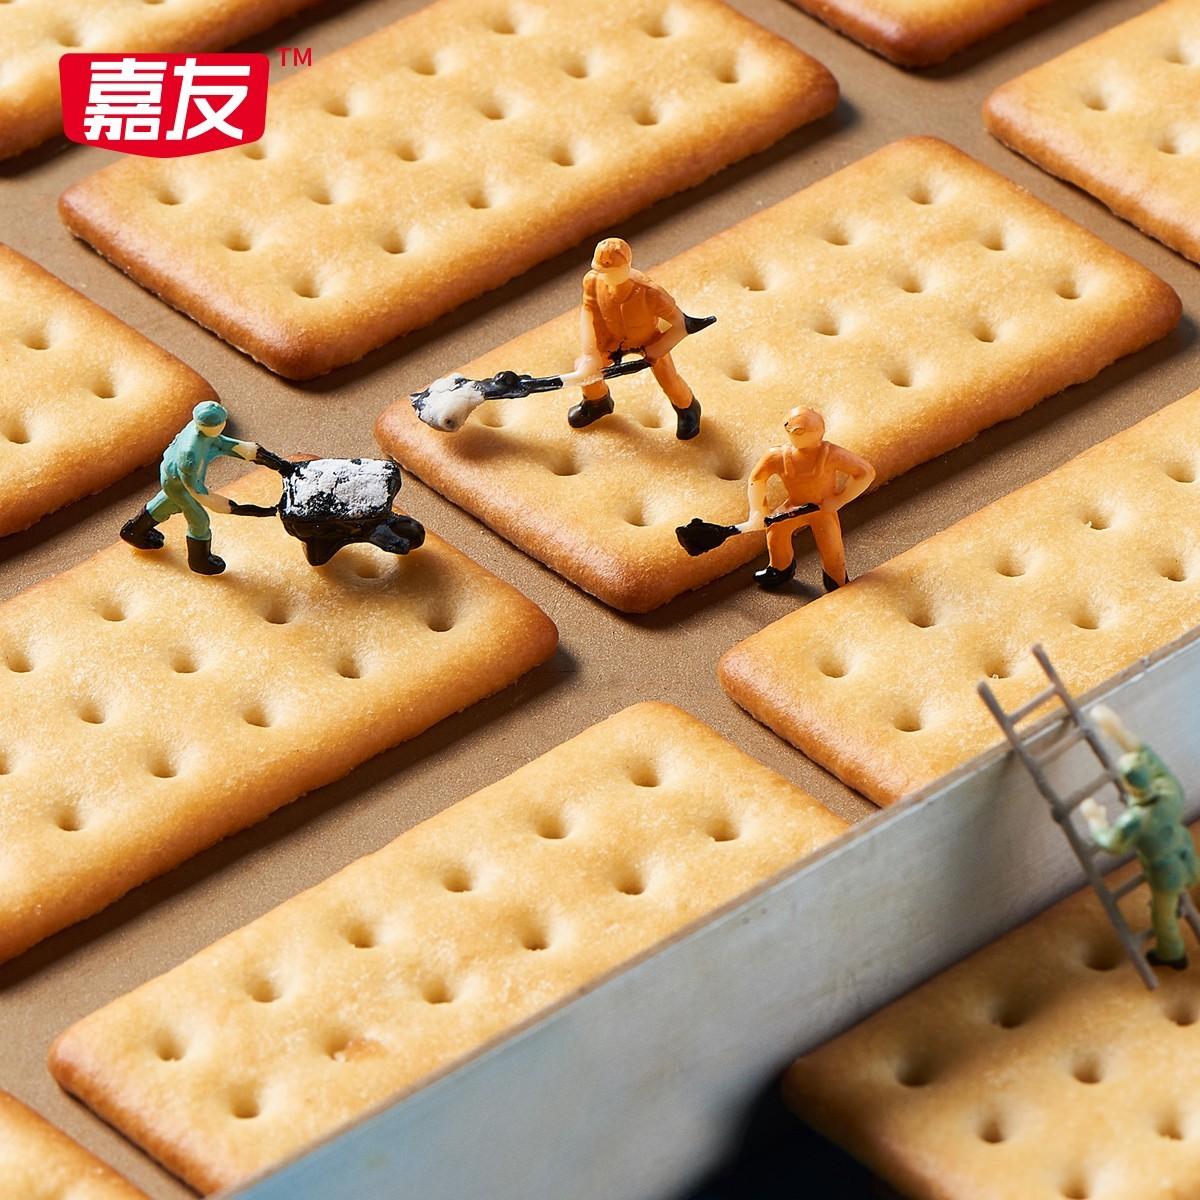 嘉友牛乳饼干原味200g